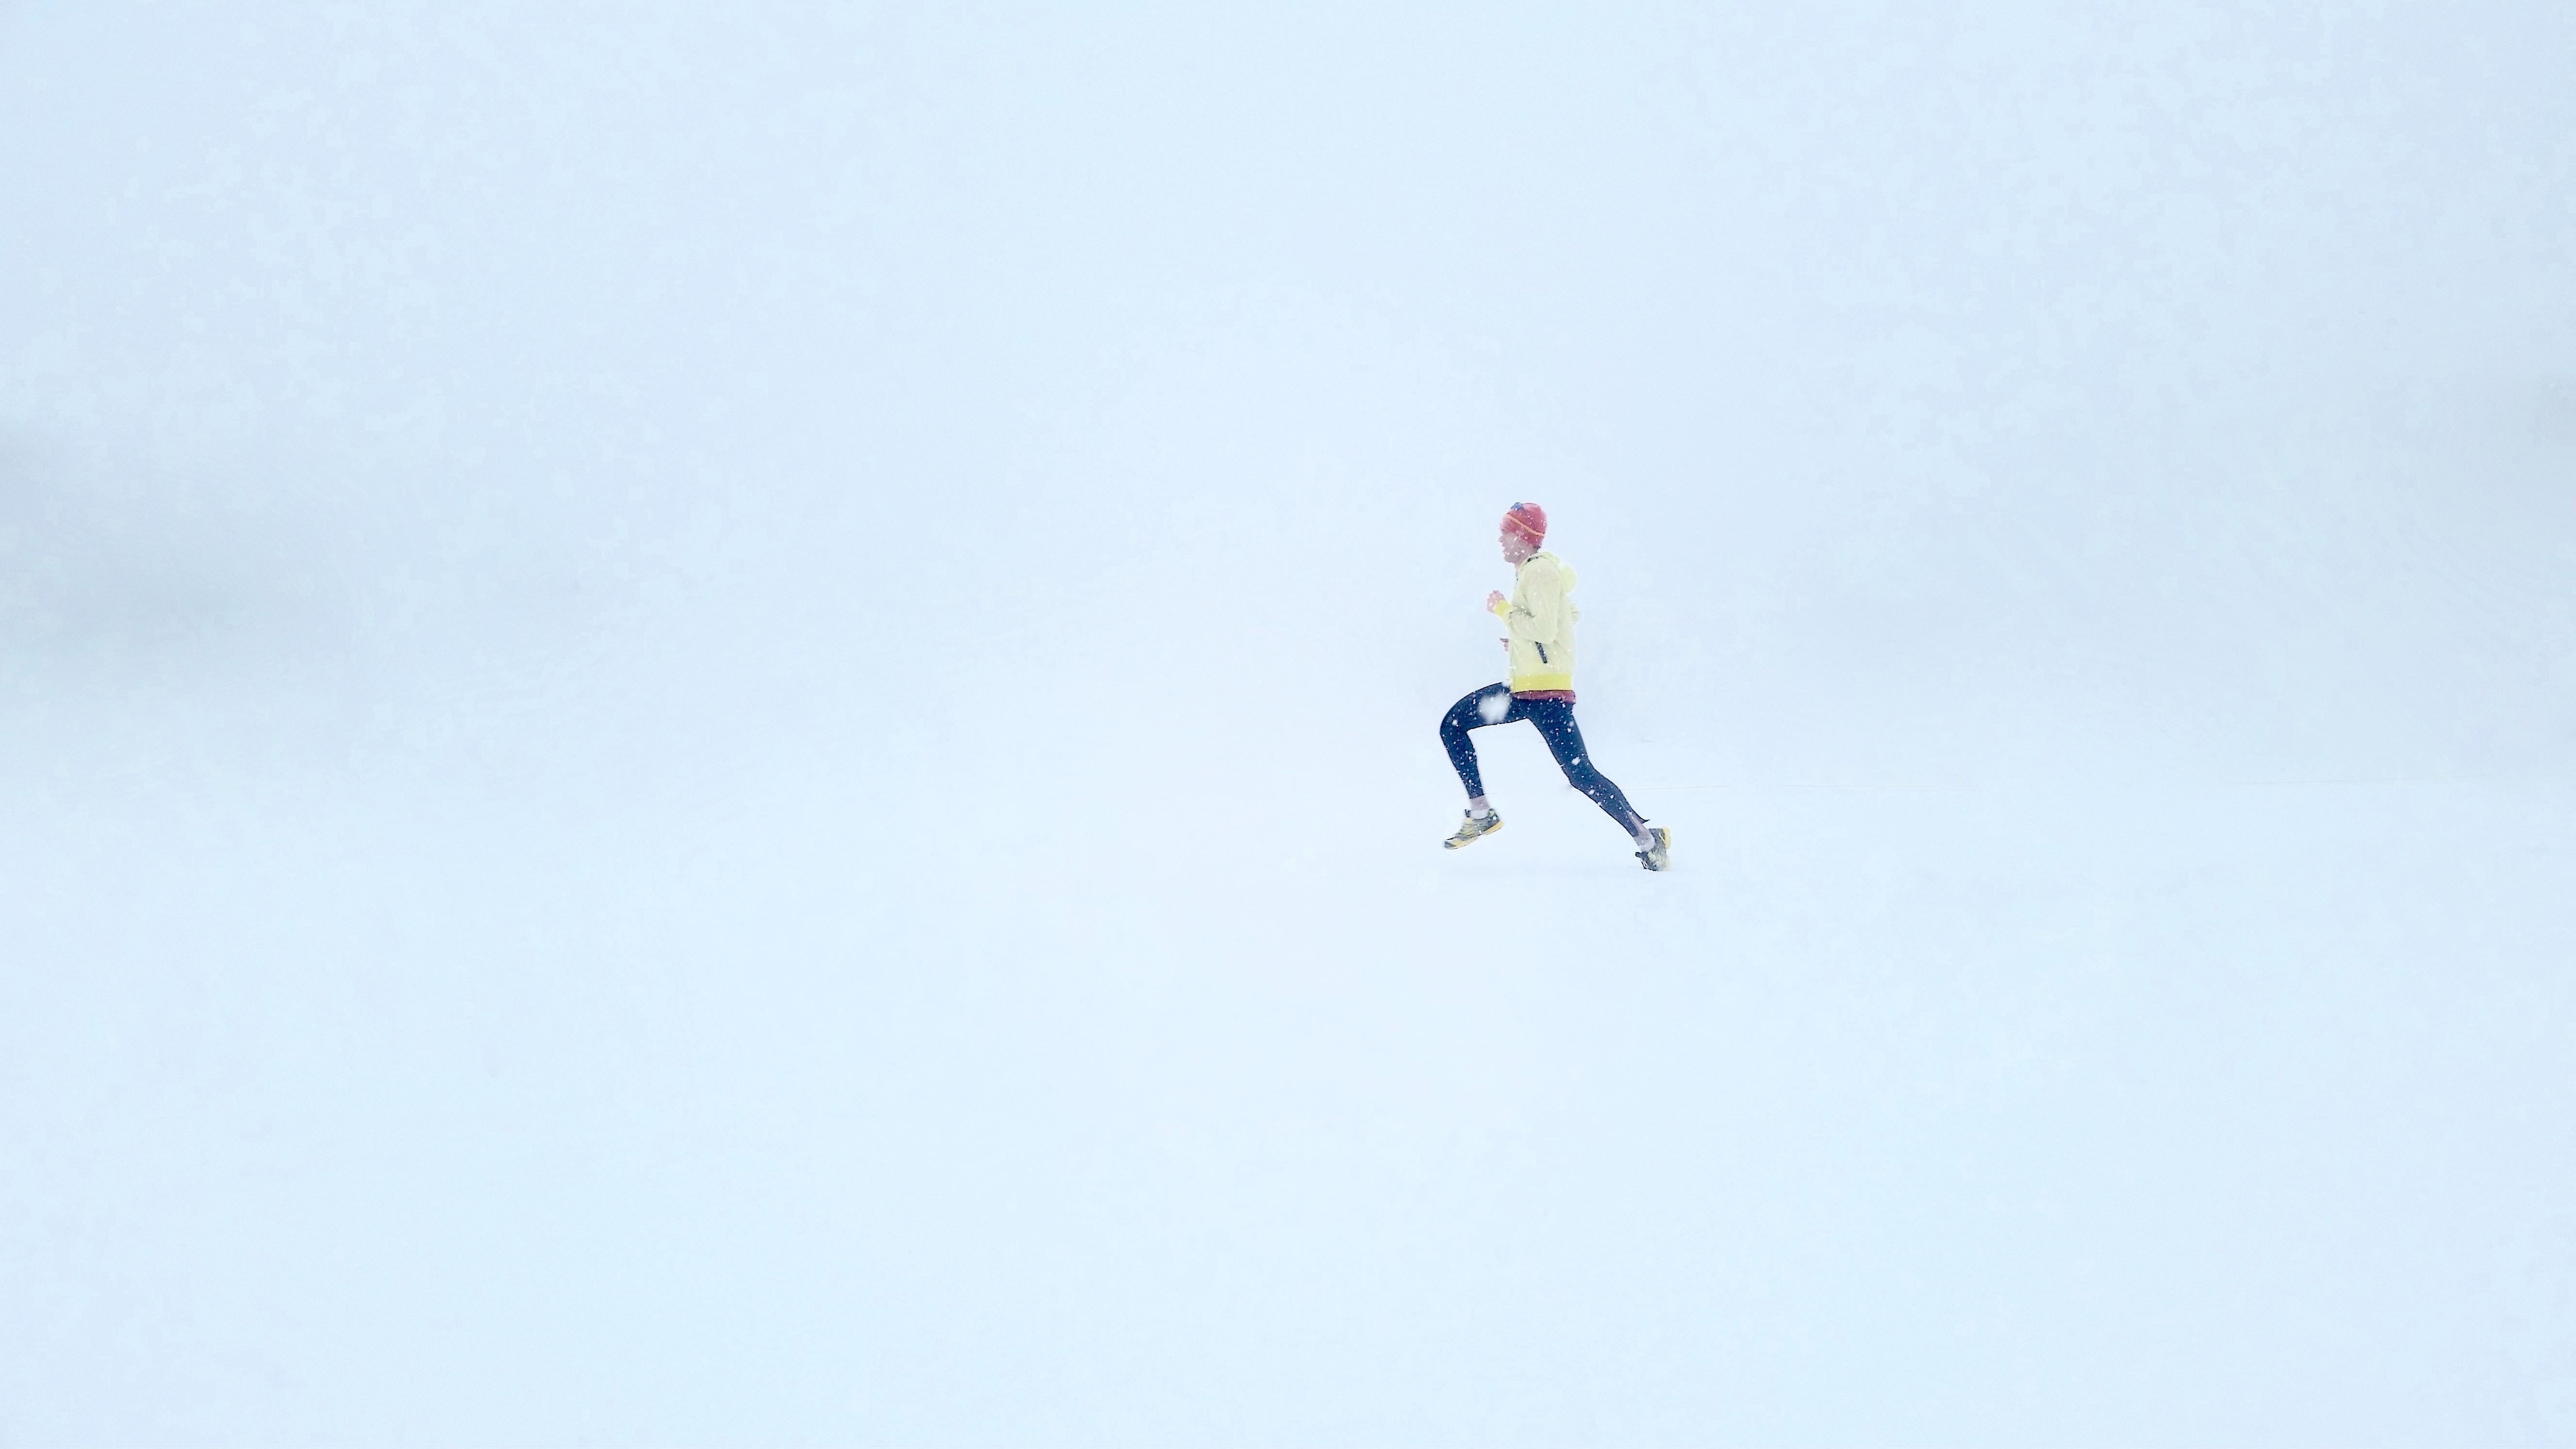 Glücklich durch den Winter durch regelmässige Bewegung!